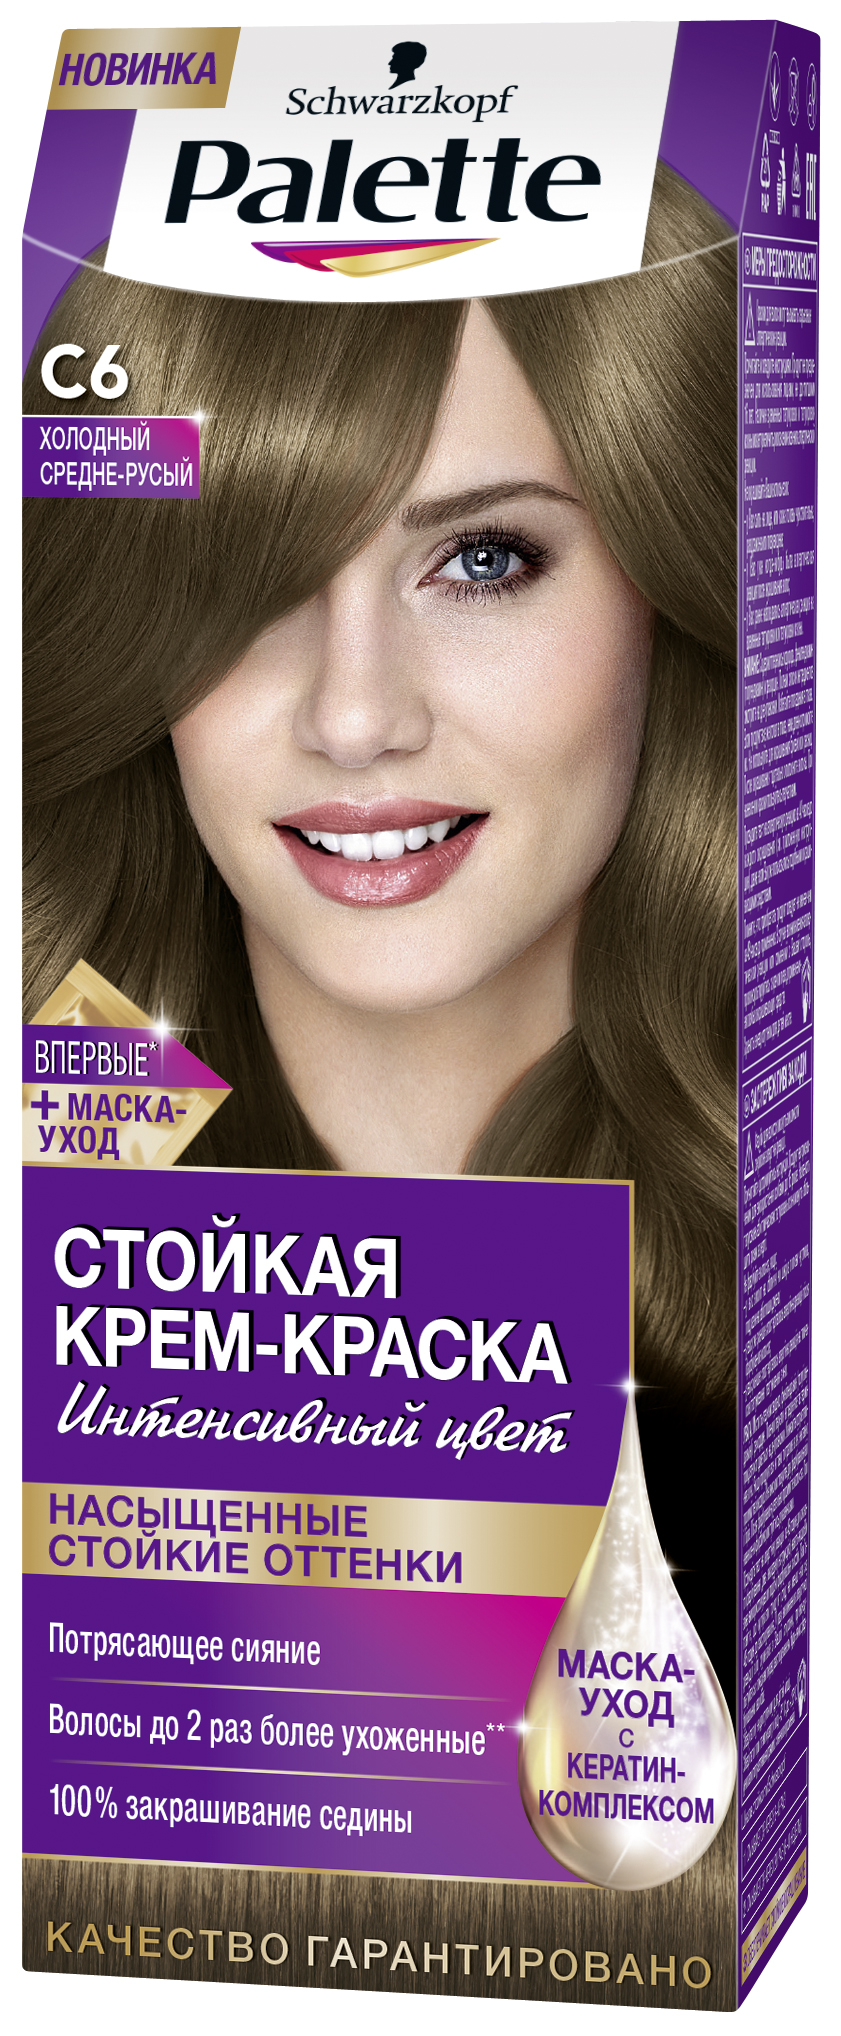 Palette Стойкая крем-краска C6 Холодный средне-русый 110мл09351060Знаменитая краска для волос Palette при использовании тщательно окрашивает волосы, стойко сохраняет цвет, имеет множество разнообразных оттенков на любой, самый взыскательный, вкус.